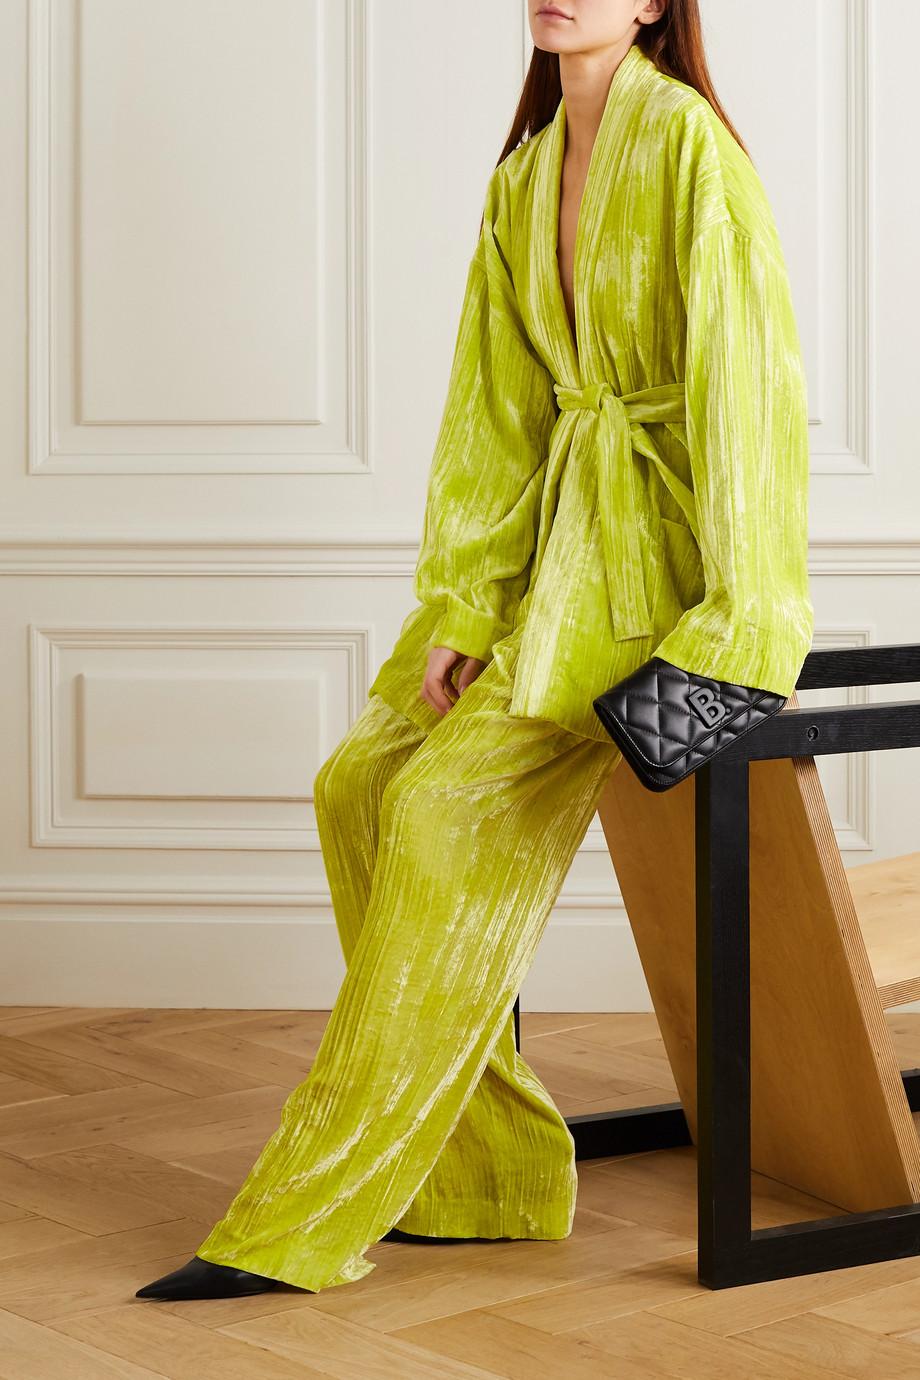 Balenciaga Blazer aus Samt in Knitteroptik mit Bindegürtel